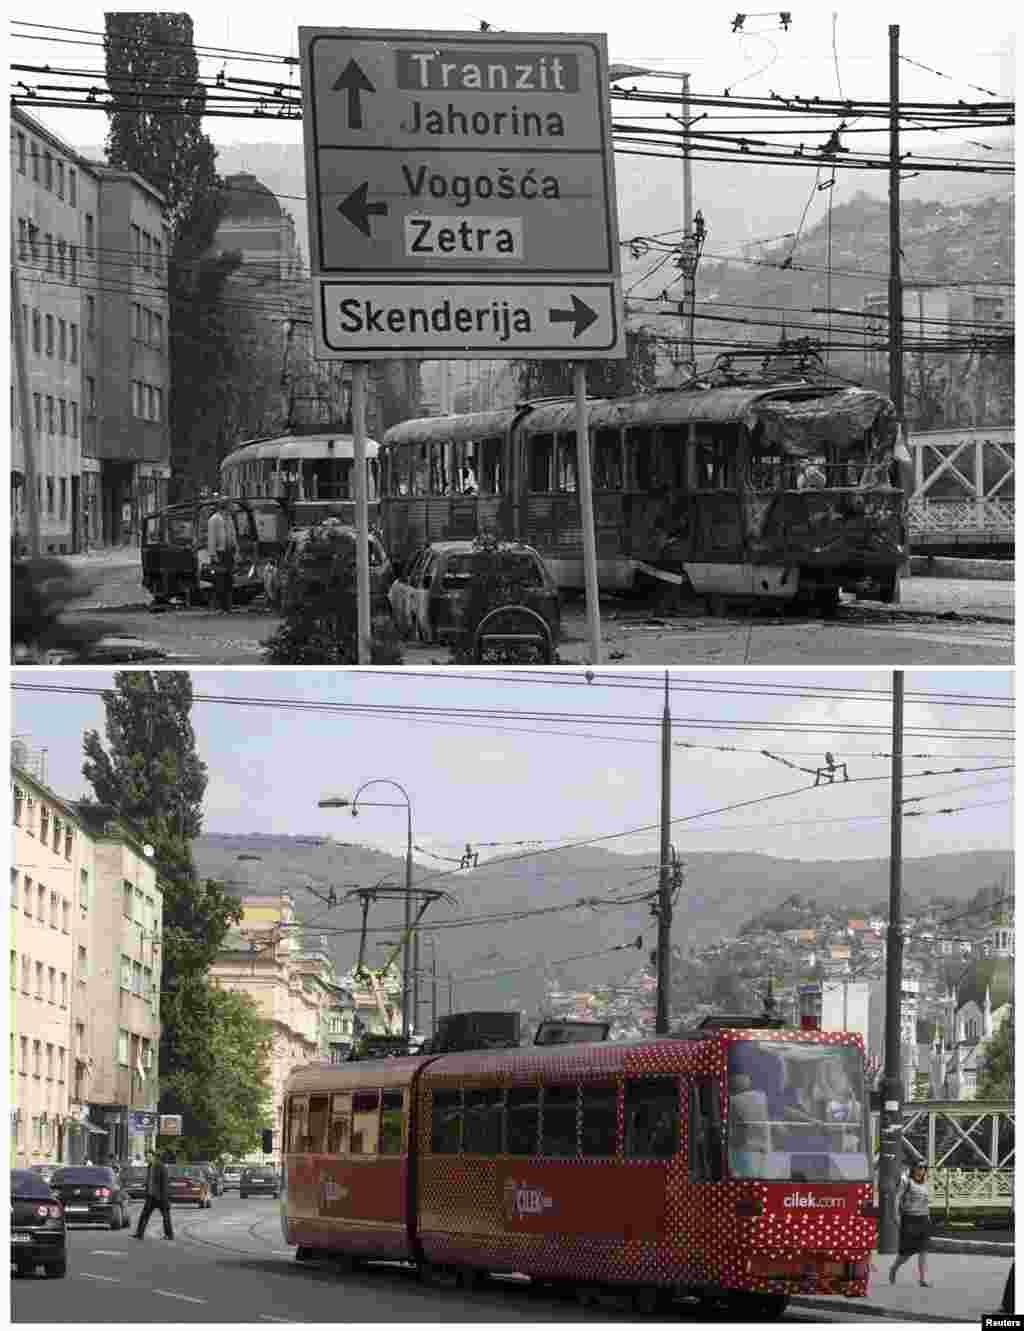 После обстрела в районе Скендерия в Сараево, март 1992. Трамвай на той же улице 30 мая 2011